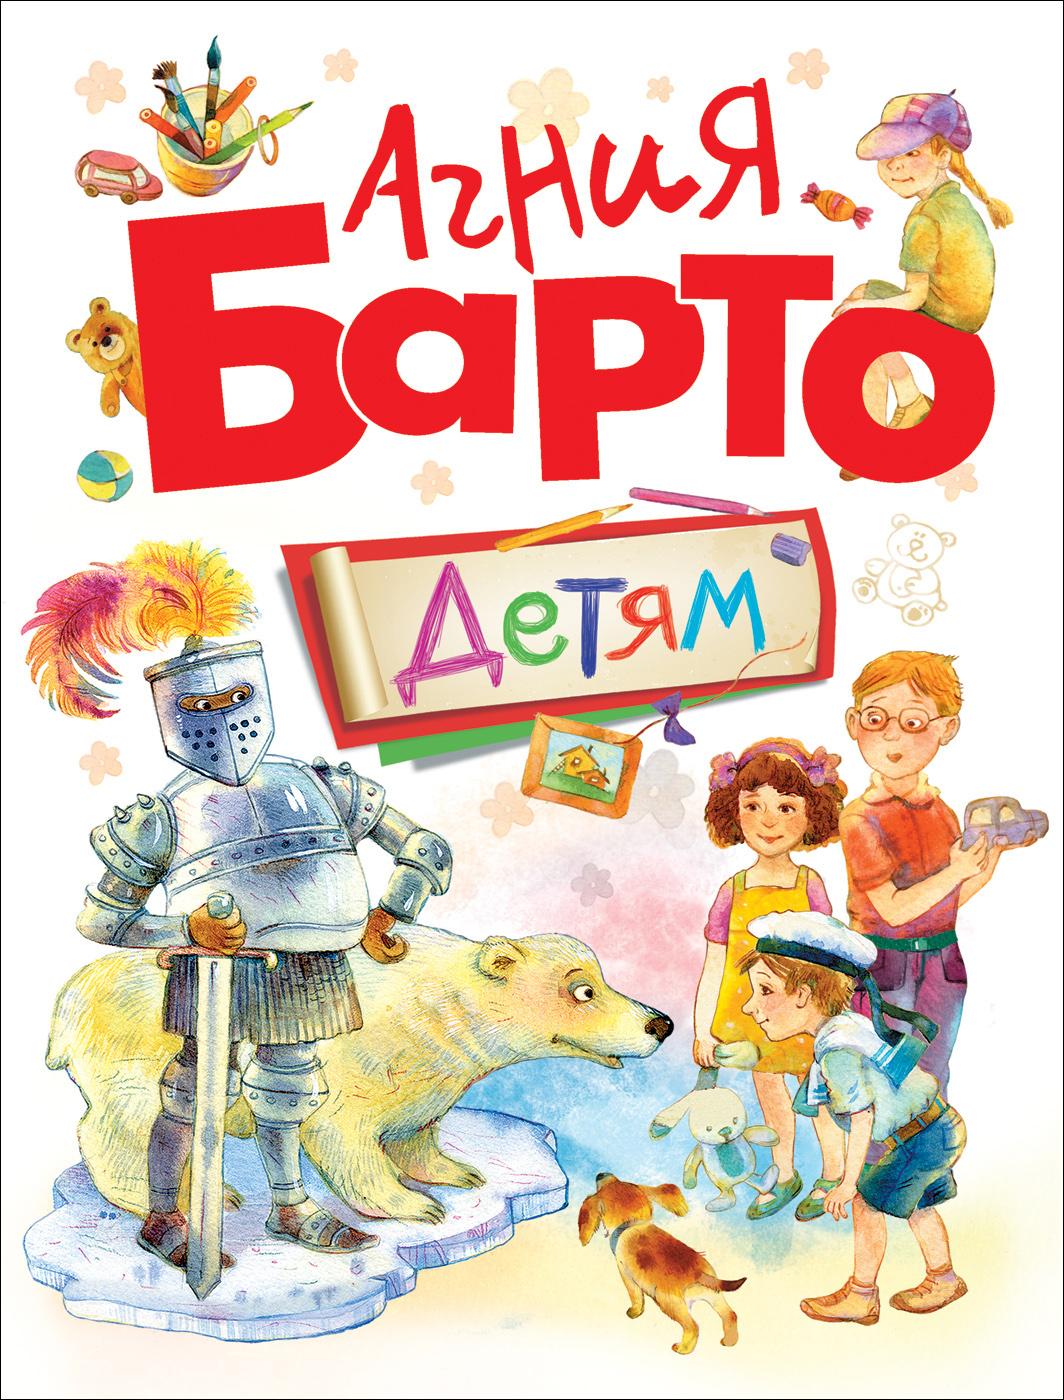 Книга - Агни Барто - ДетмКлассна классика<br>Книга - Агни Барто - Детм<br>